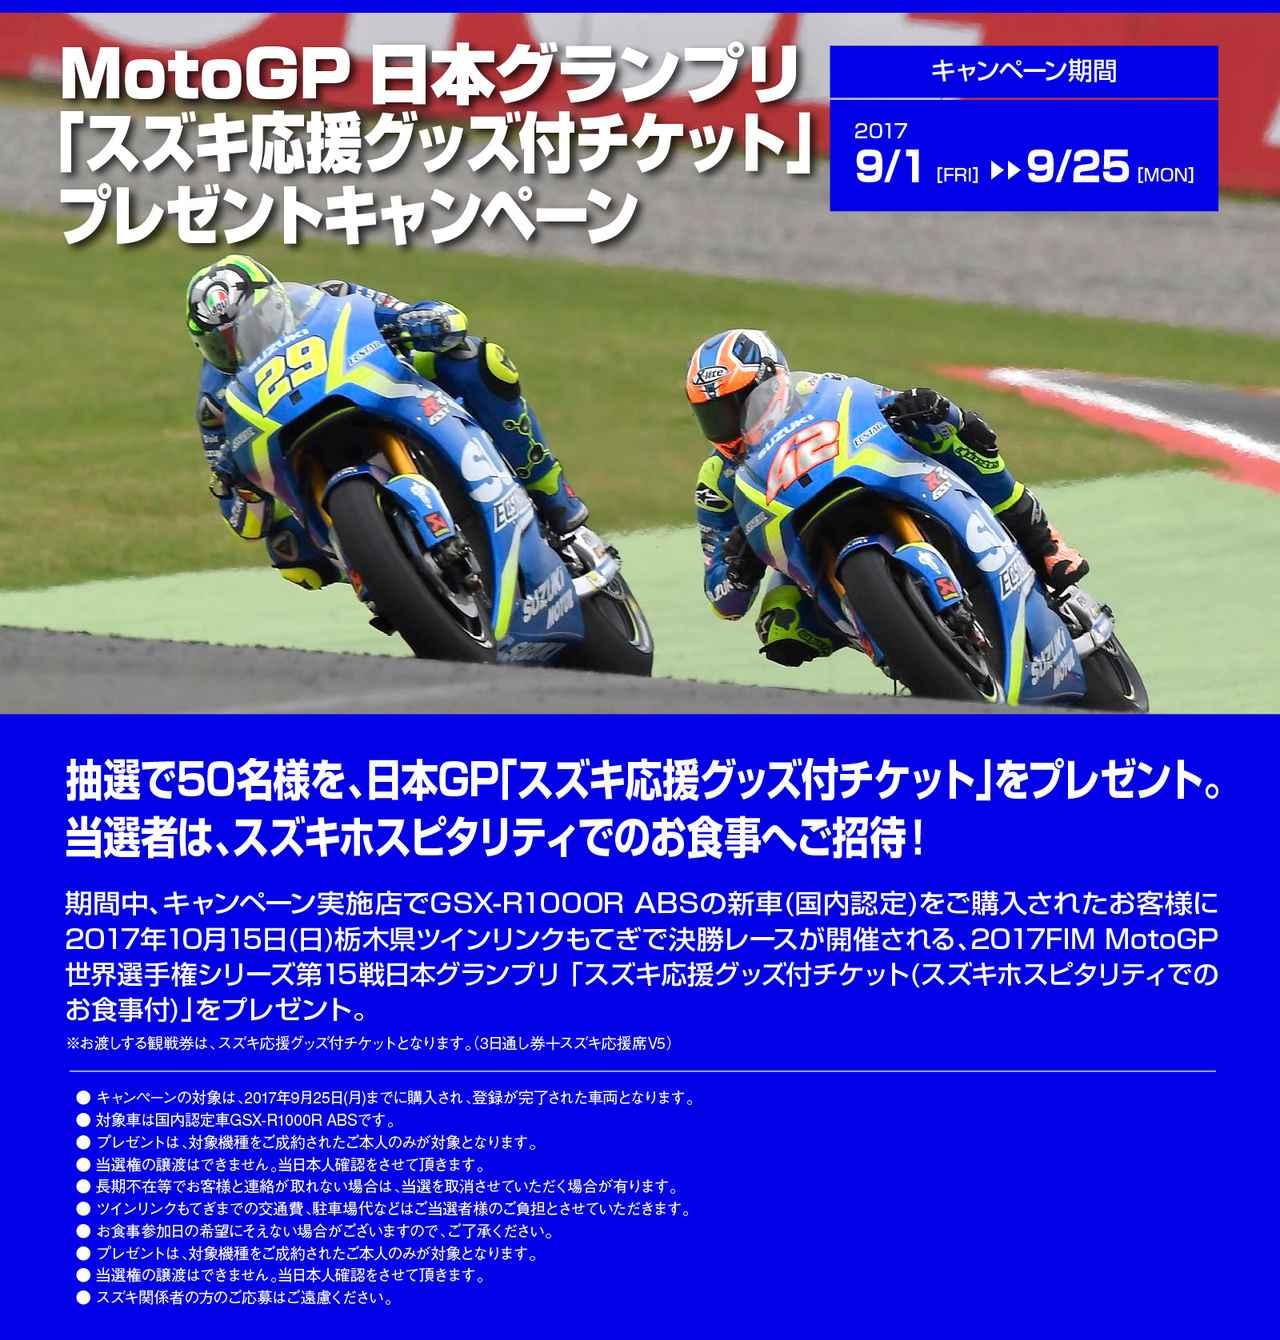 画像: MotoGP日本グランプリ「スズキ応援グッズ付チケット」プレゼントキャンペーン ■キャンペーン期間:9/1~9/25